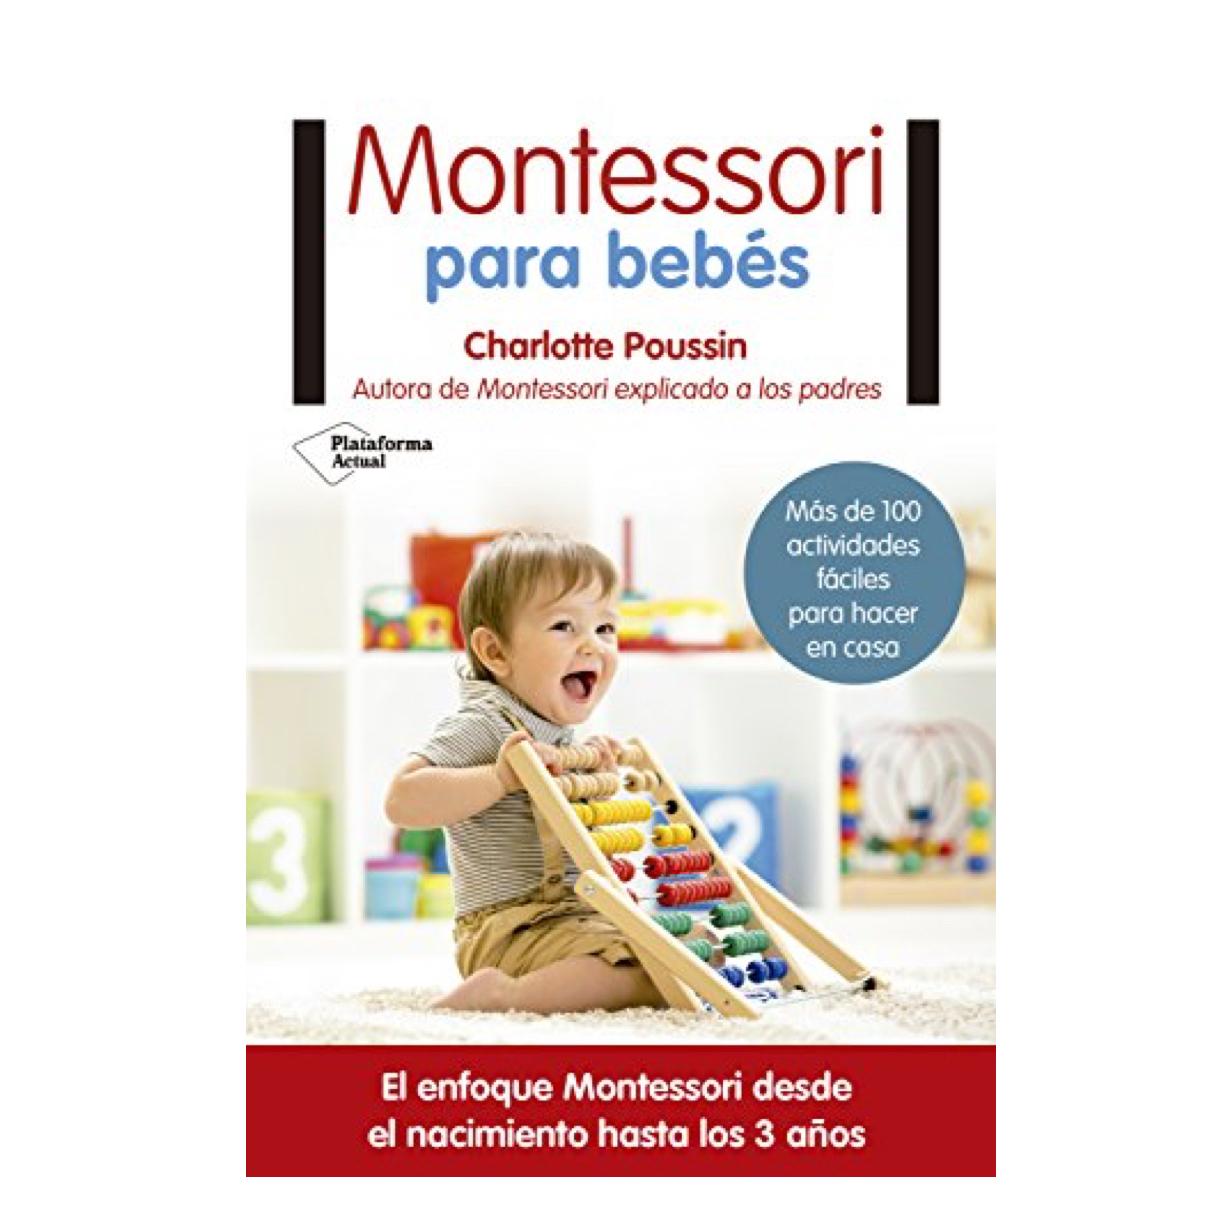 montessori-para-bebes-el-mundo-de-mico_2